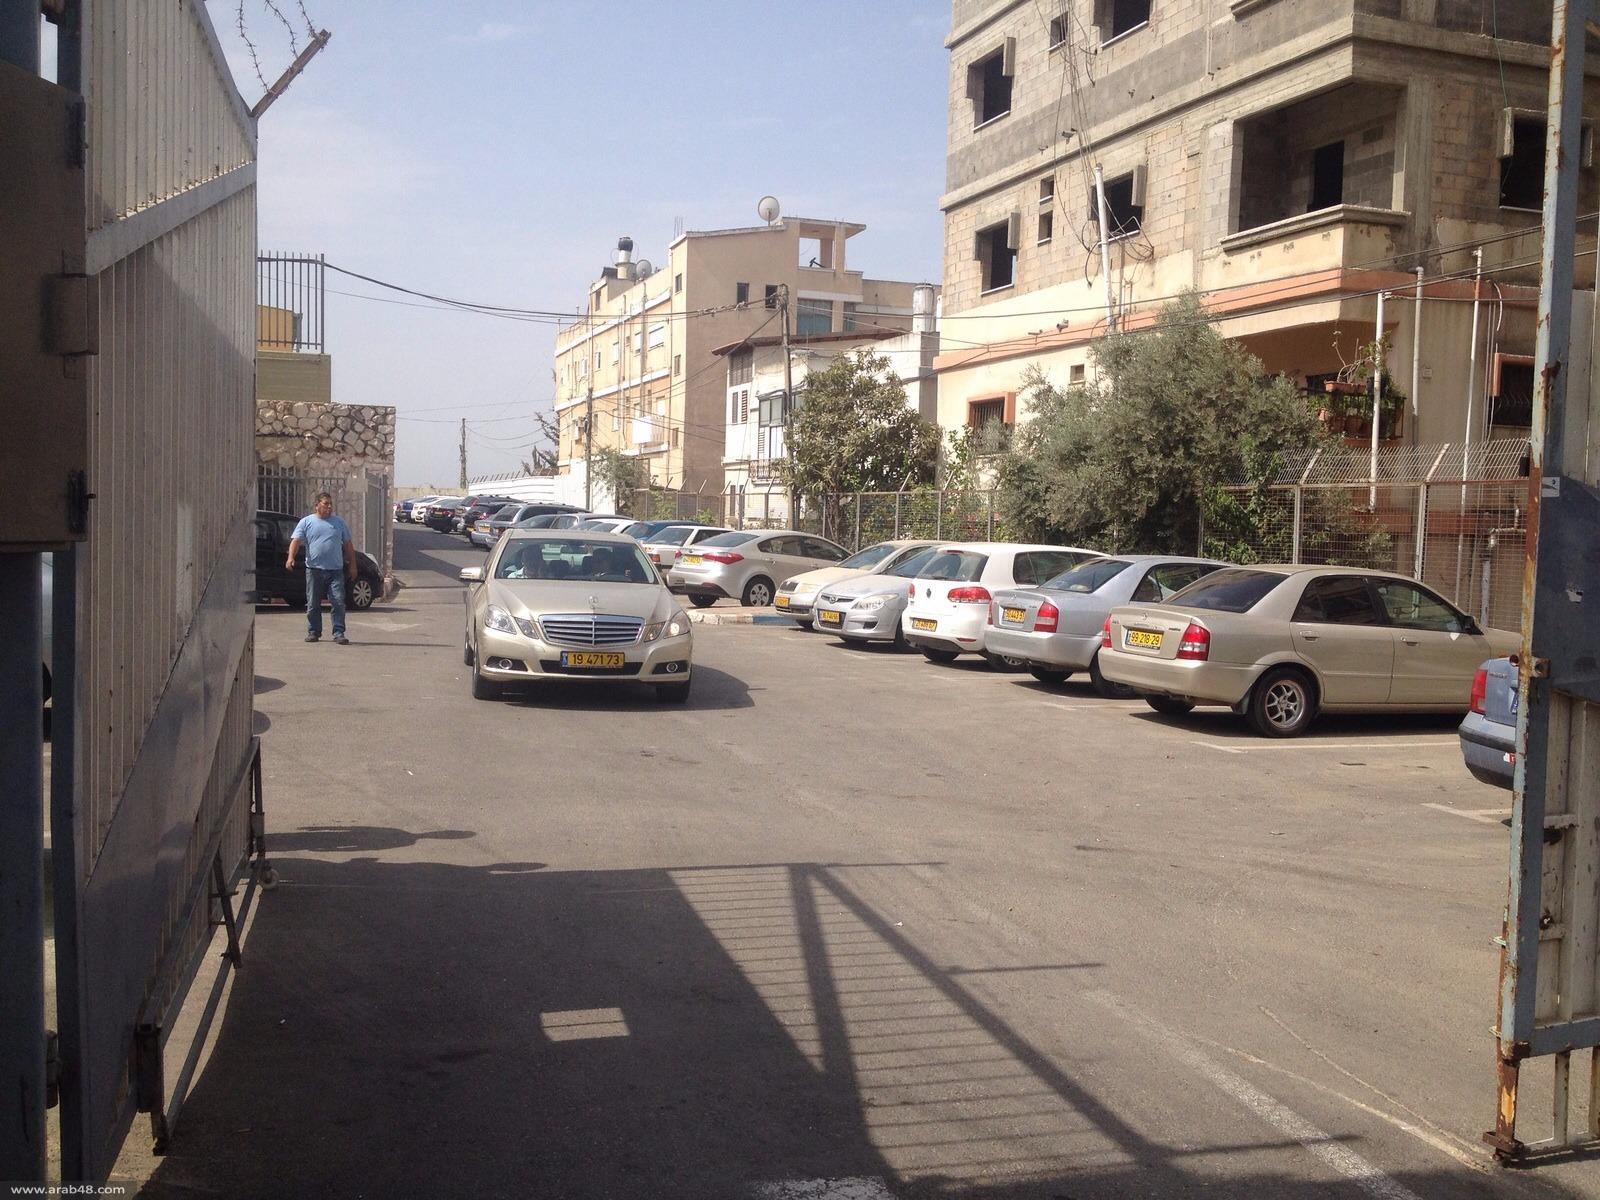 الناصرة: بلبلة بشأن الإضراب ومحاضرات حول العنف في جميع المدارس